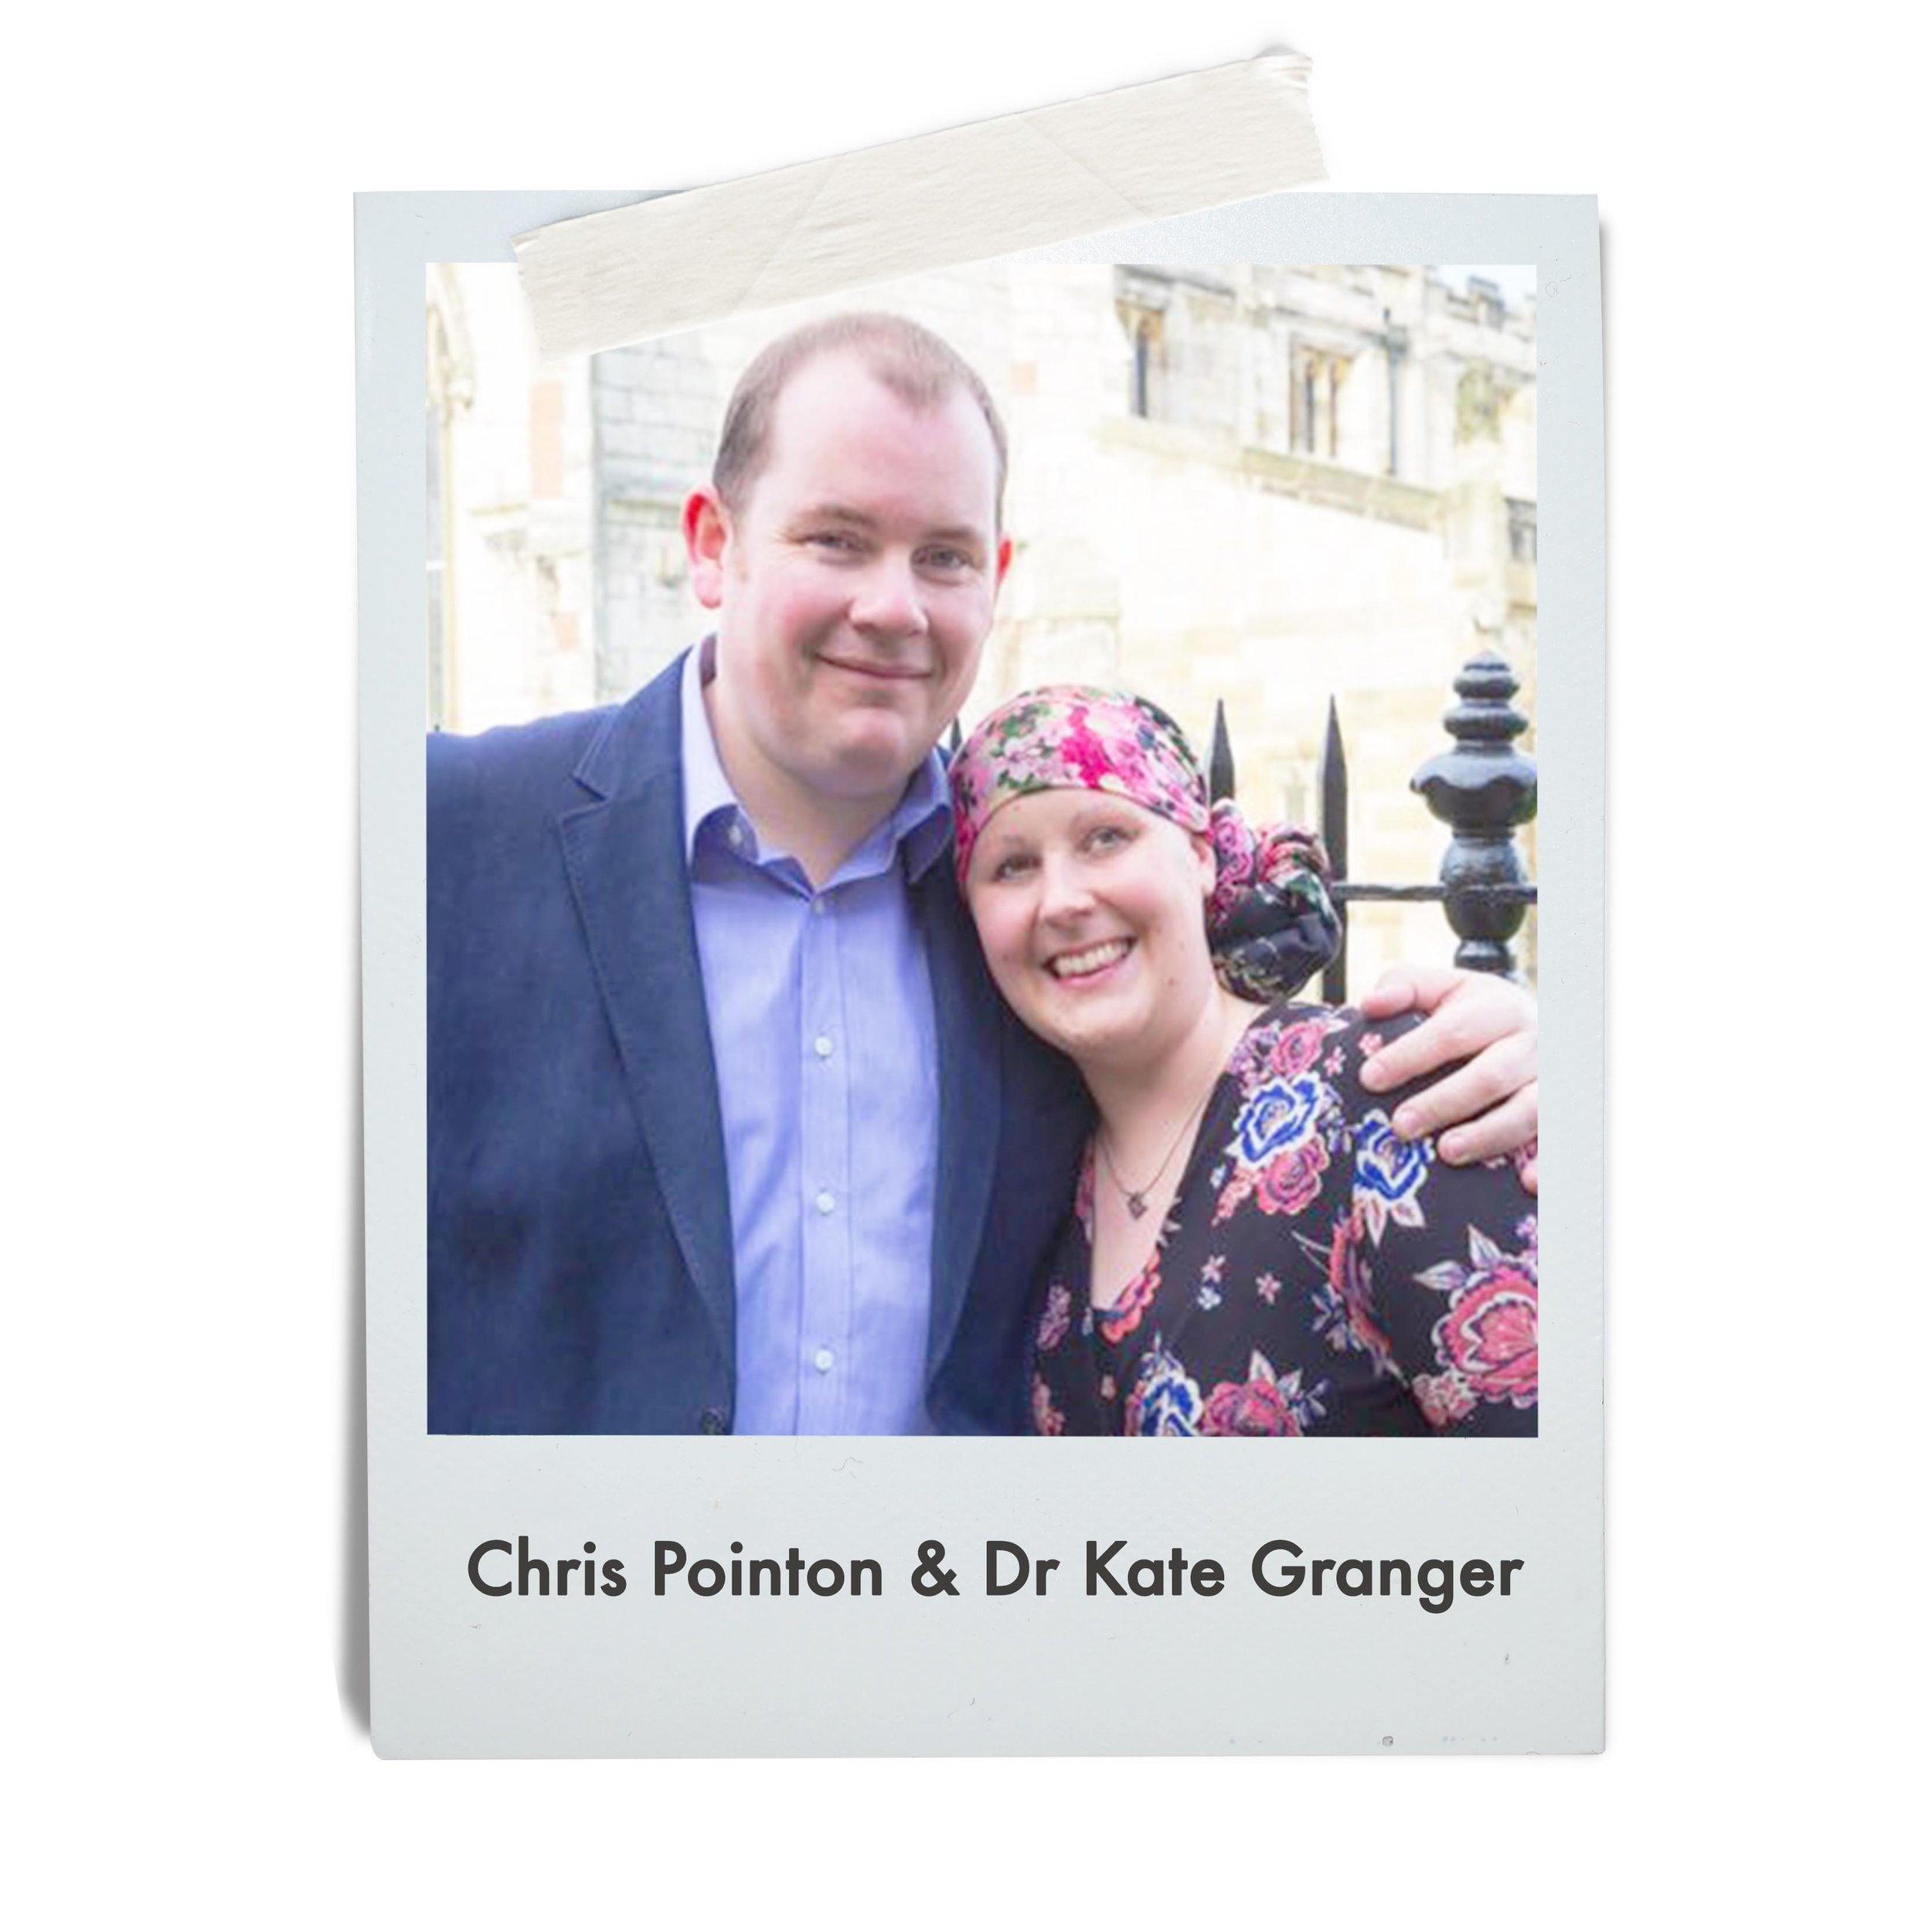 Chris Pointon & Dr Kate Granger